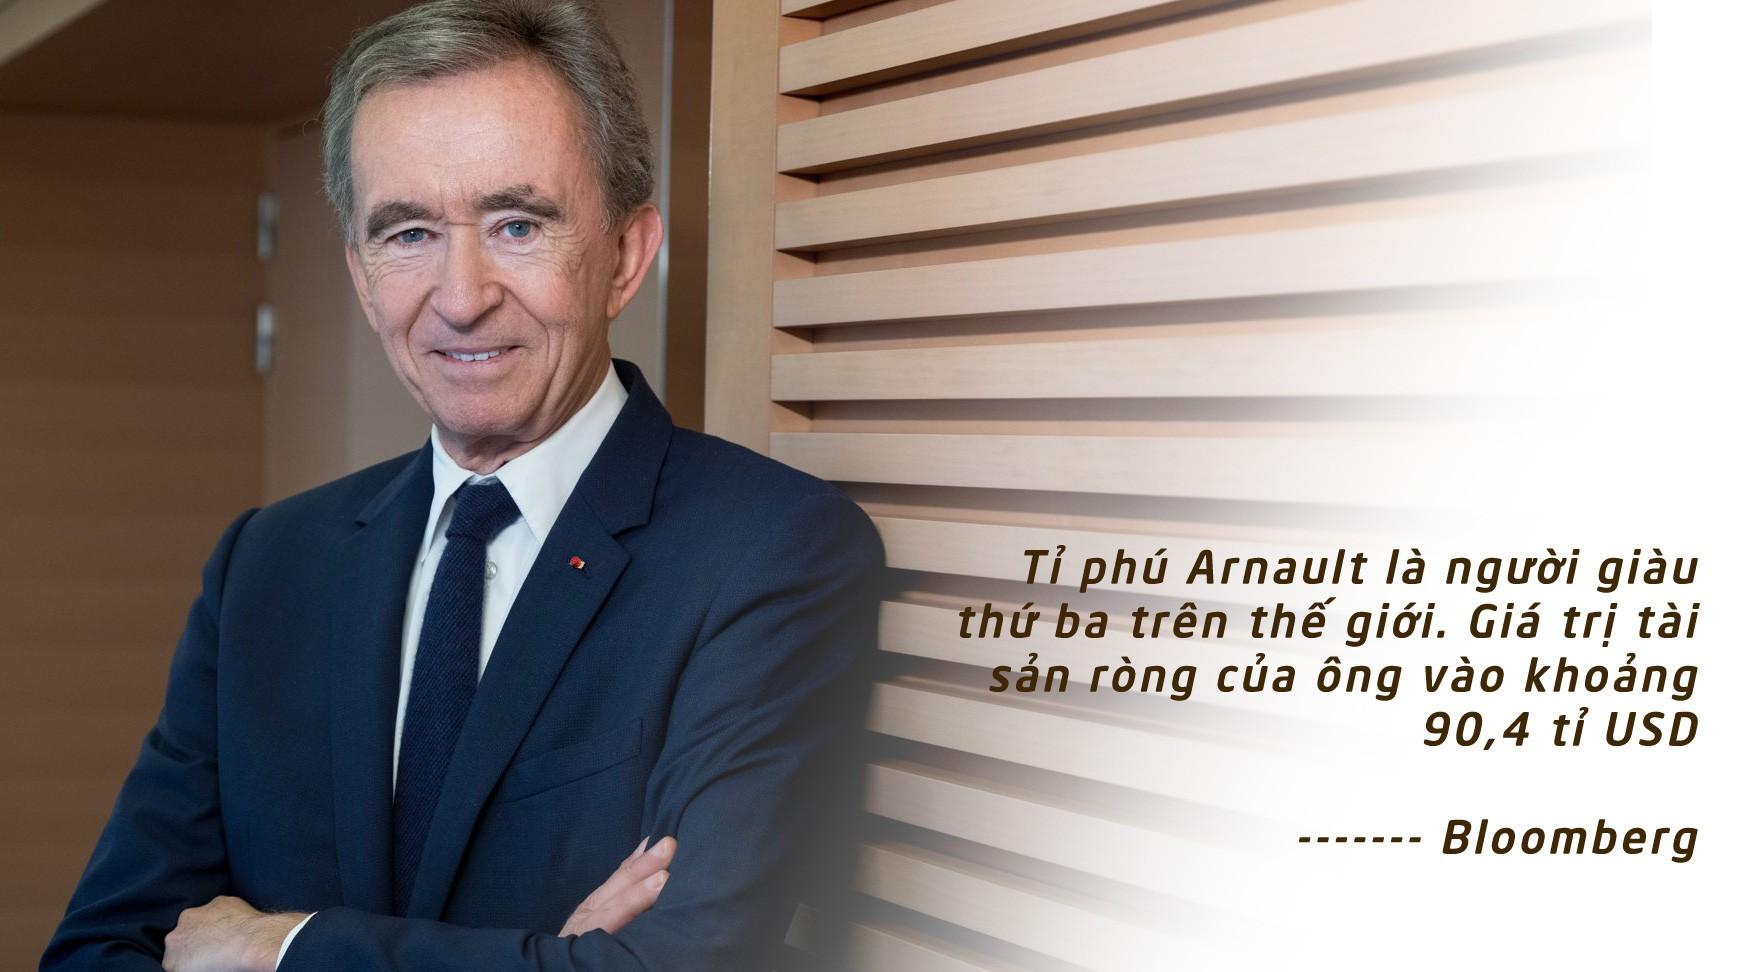 [eMagazine] Chân dung 2 tỉ phú Pháp quyên góp xây Nhà thờ Đức Bà Paris - Ảnh 2.